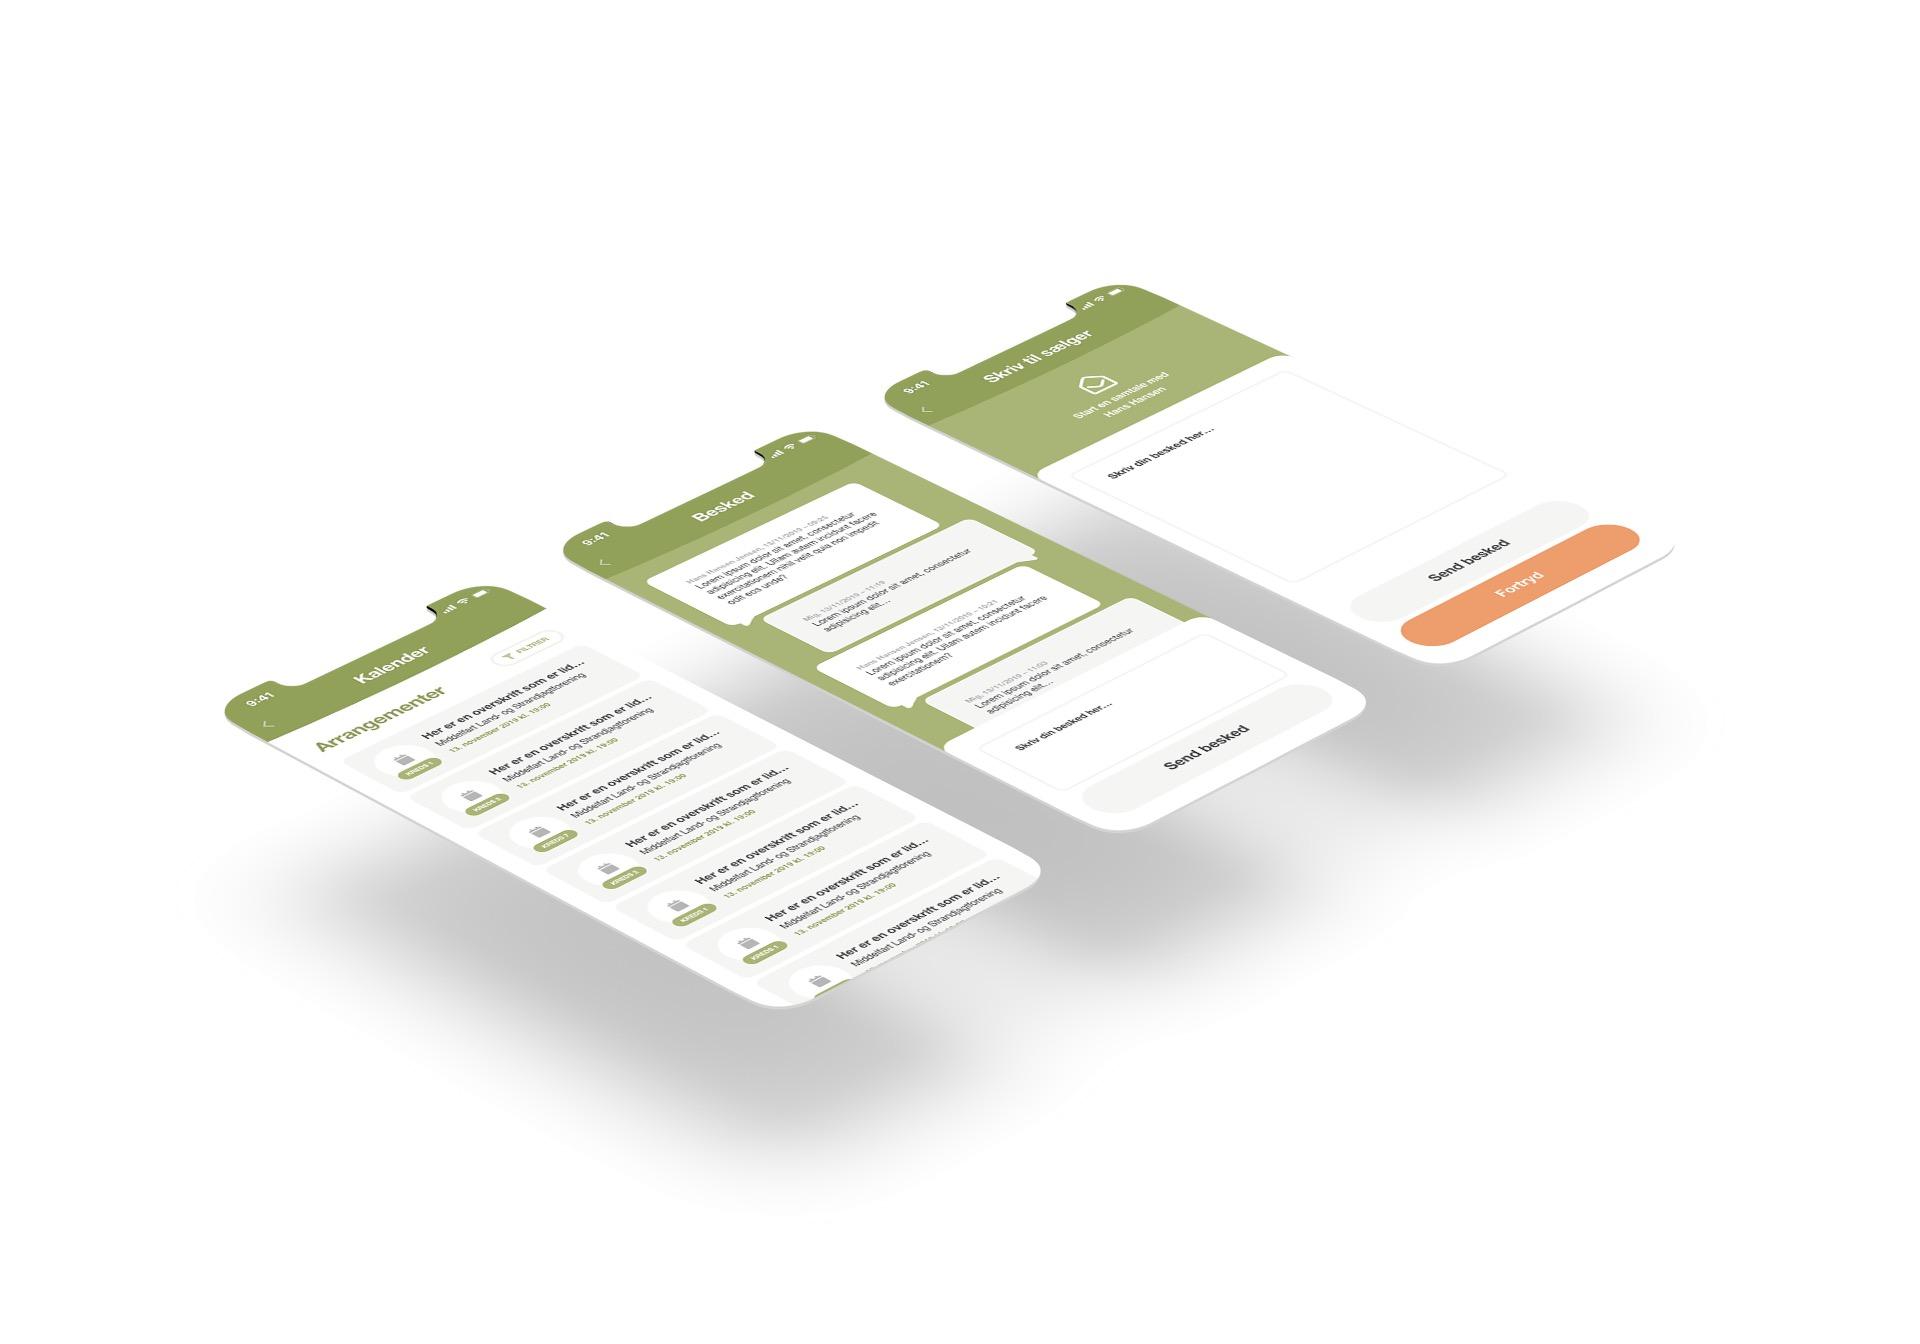 Billede der viser forskellige designs til Danmarks Jægerforbunds nye app